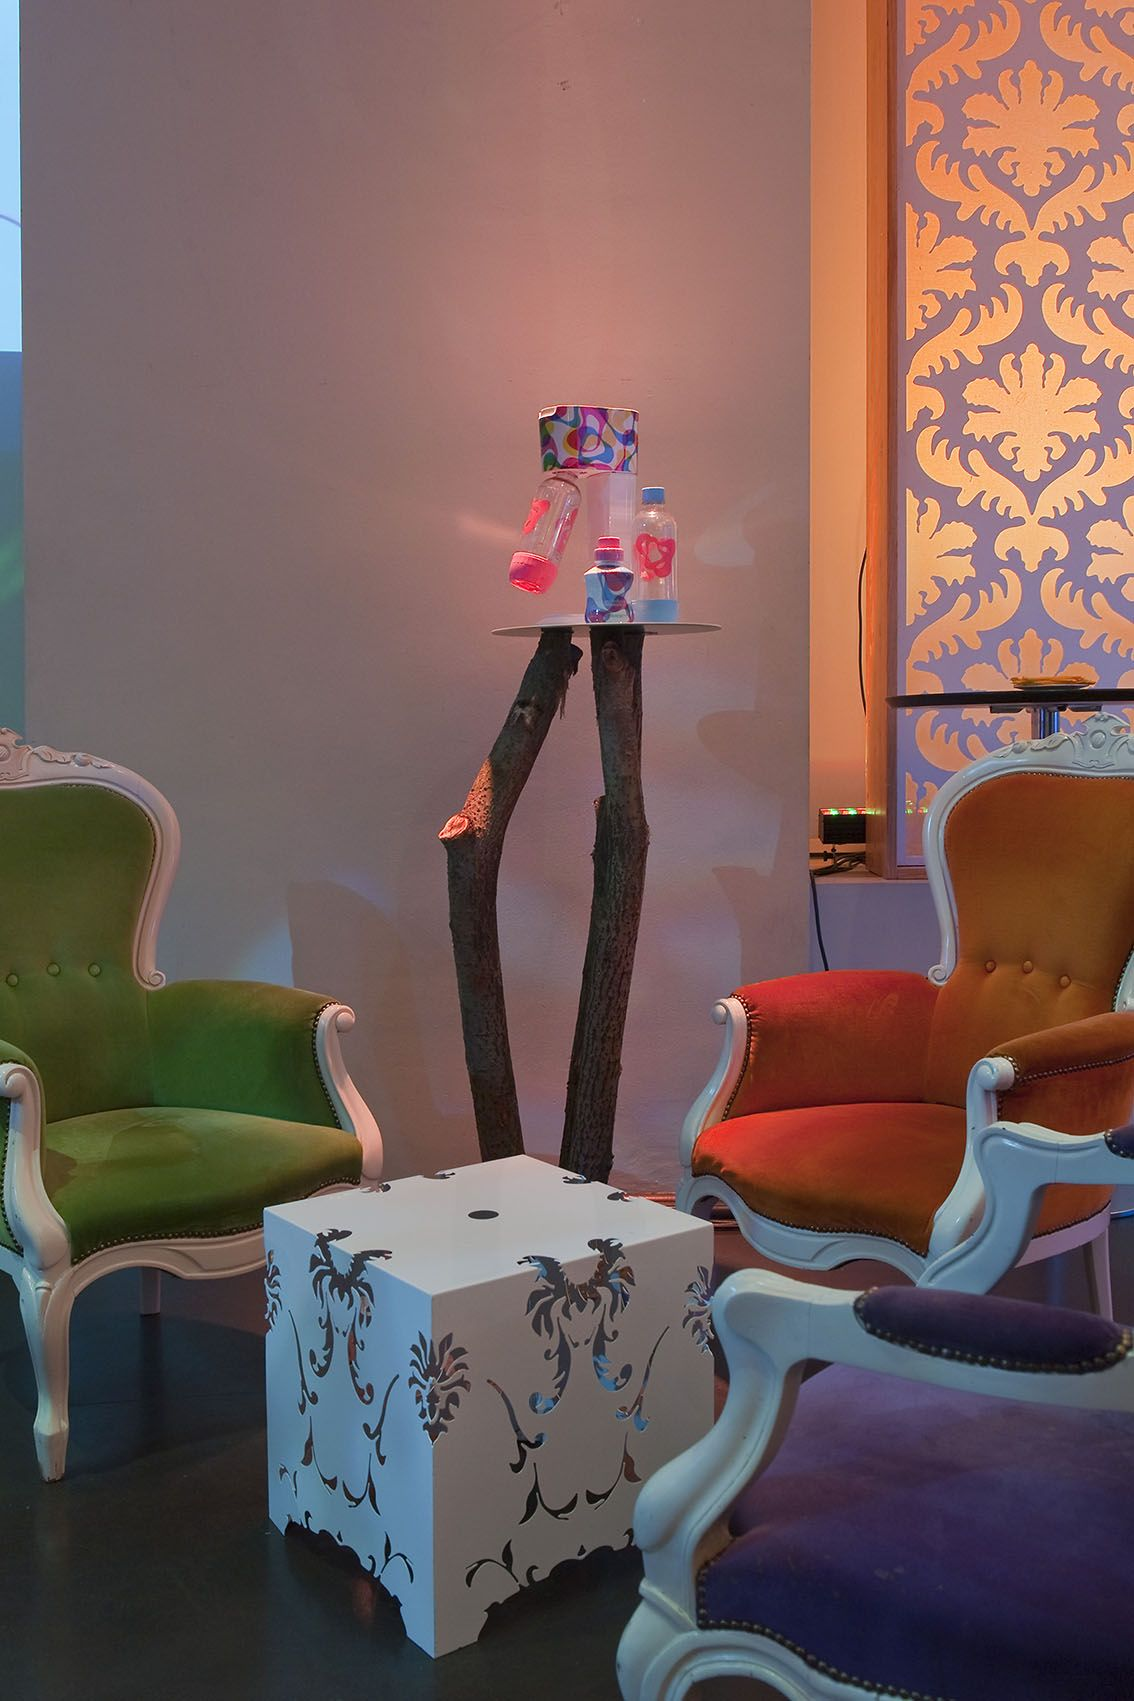 La presentazione della stravagante collezione Limited Edition di Karim Rashid